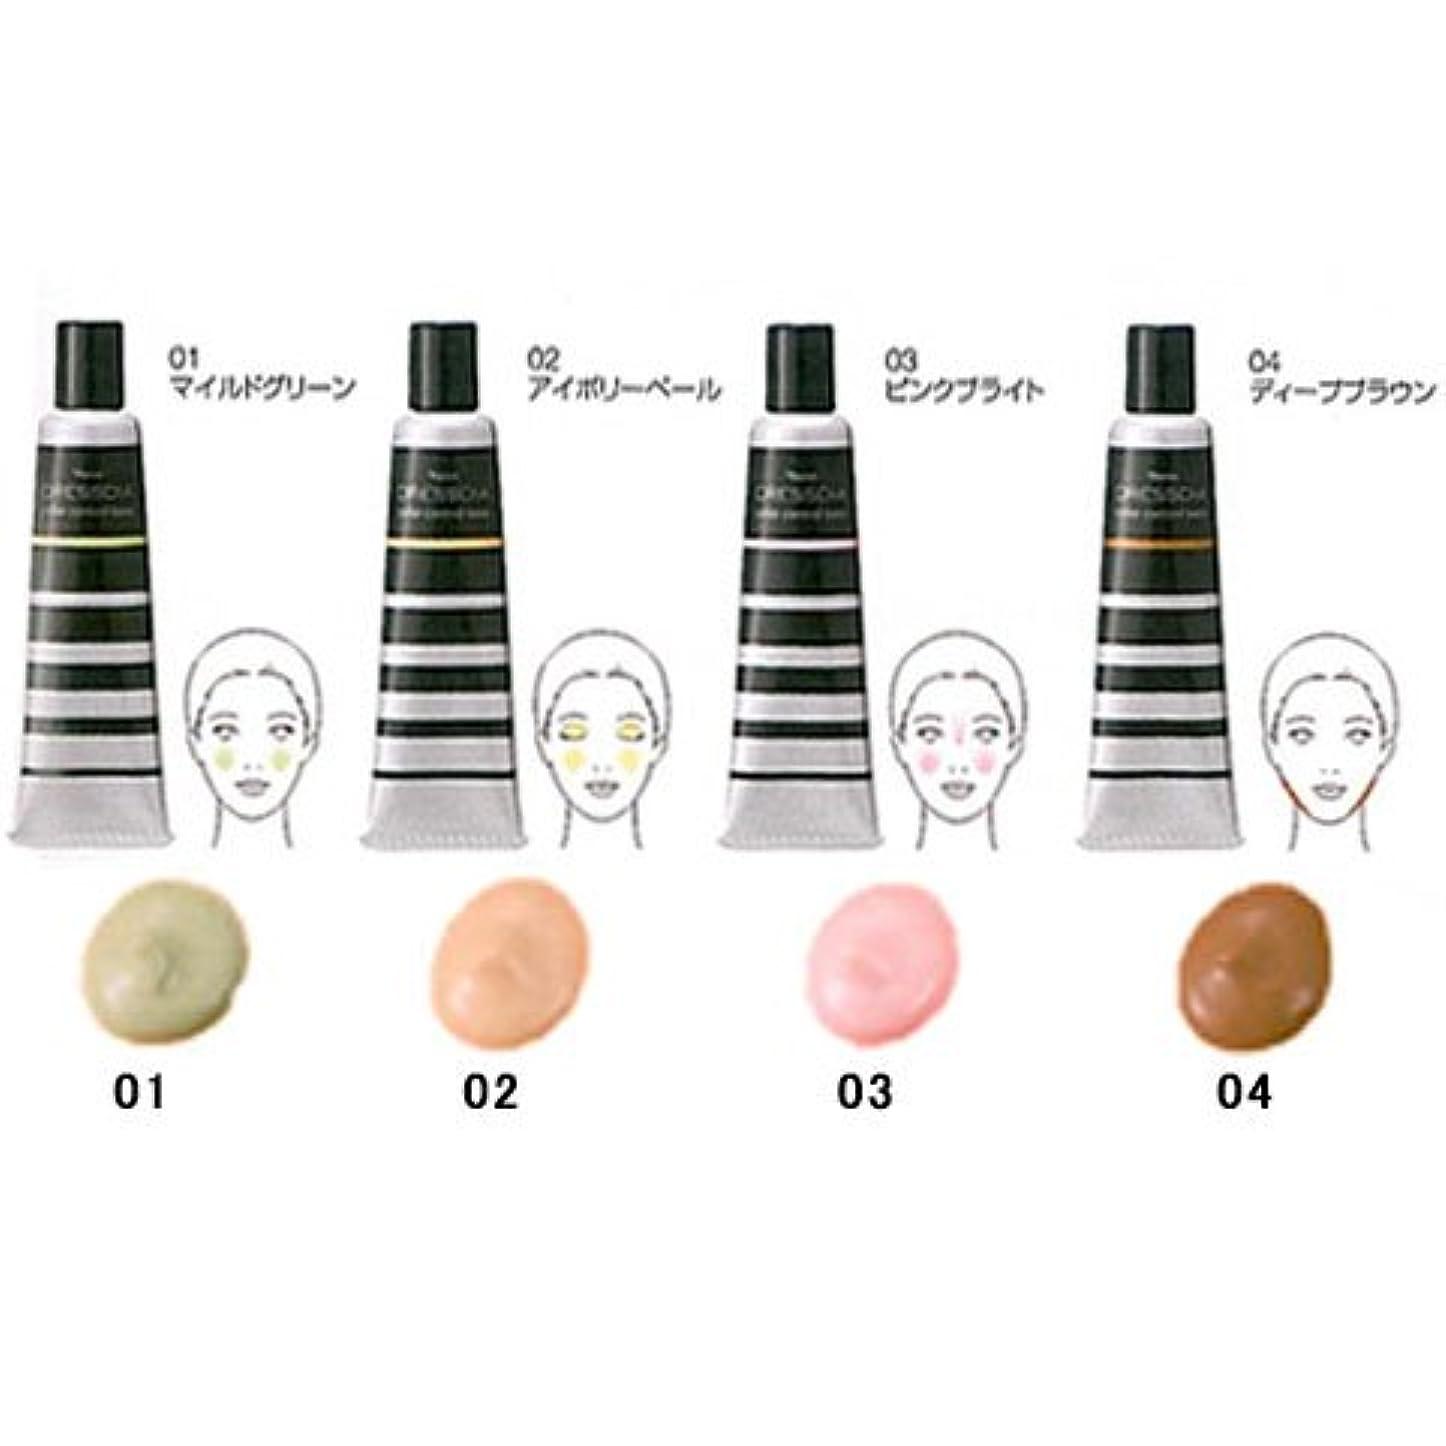 最も遠いホット獲物ナリス化粧品 ドレスディア カラーコントロールベース部分用 化粧下地 20g 04 ディープブラウン